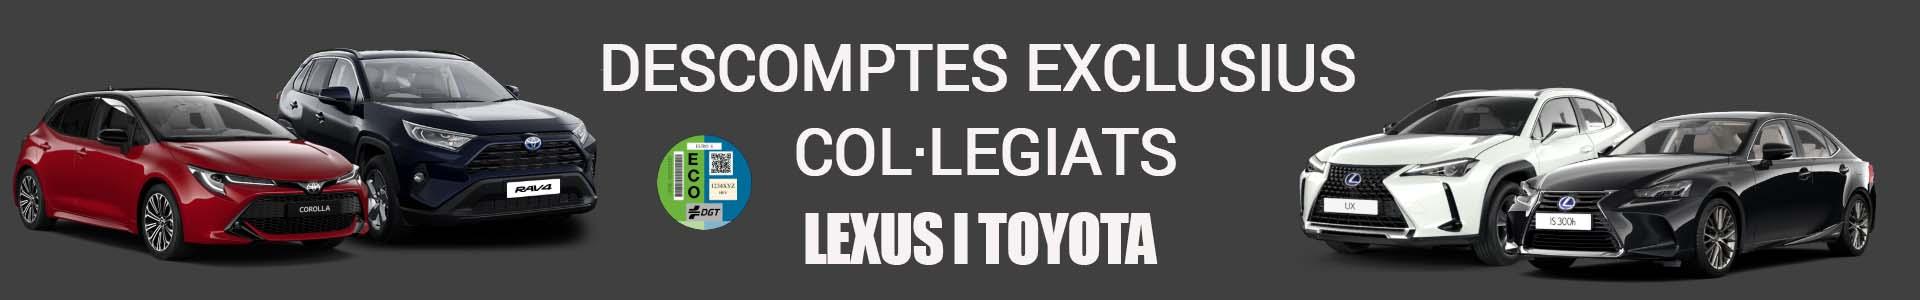 convei coettc toyota lexus